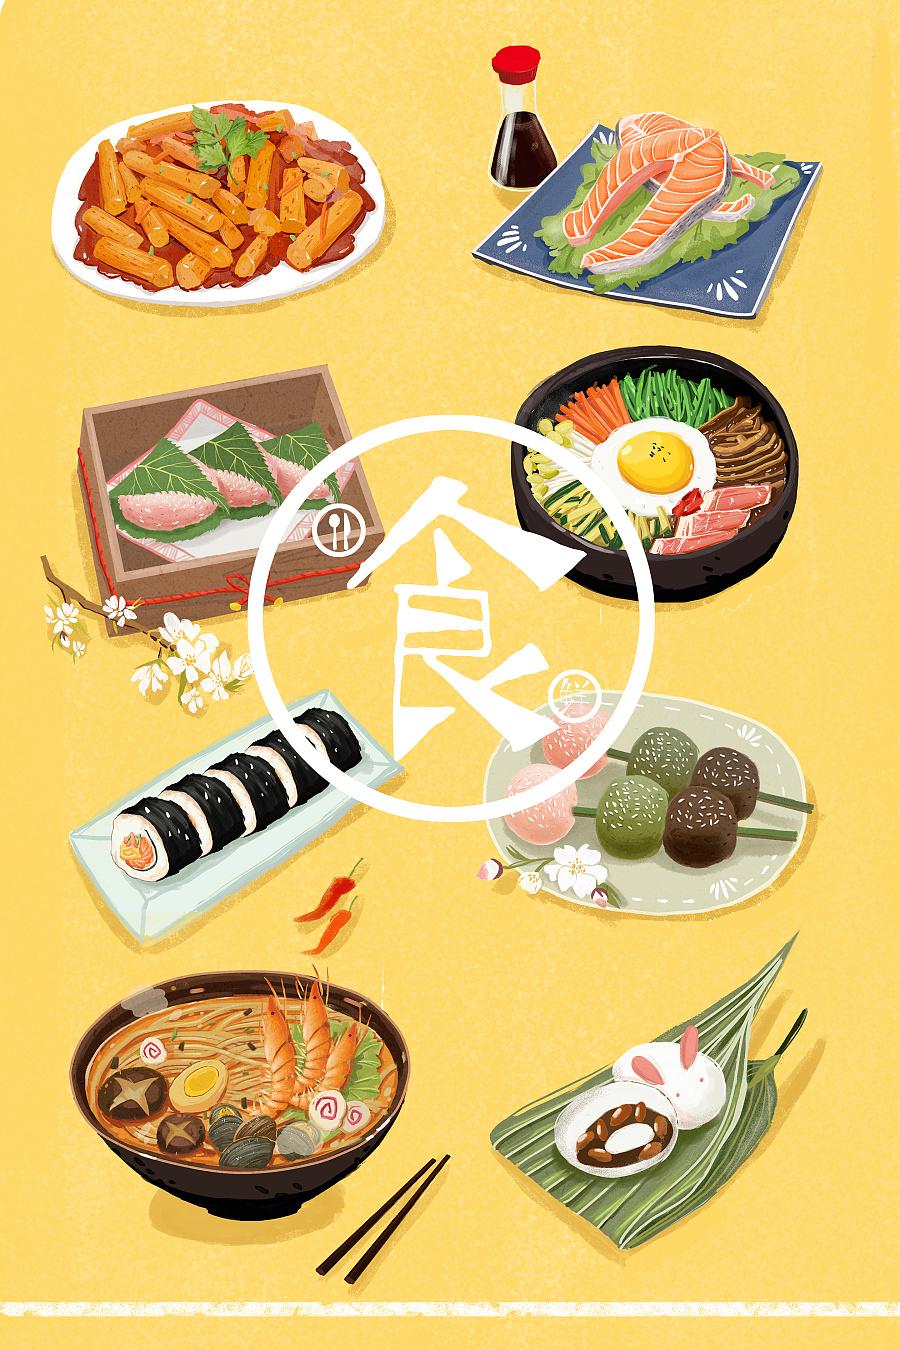 一组手绘食物